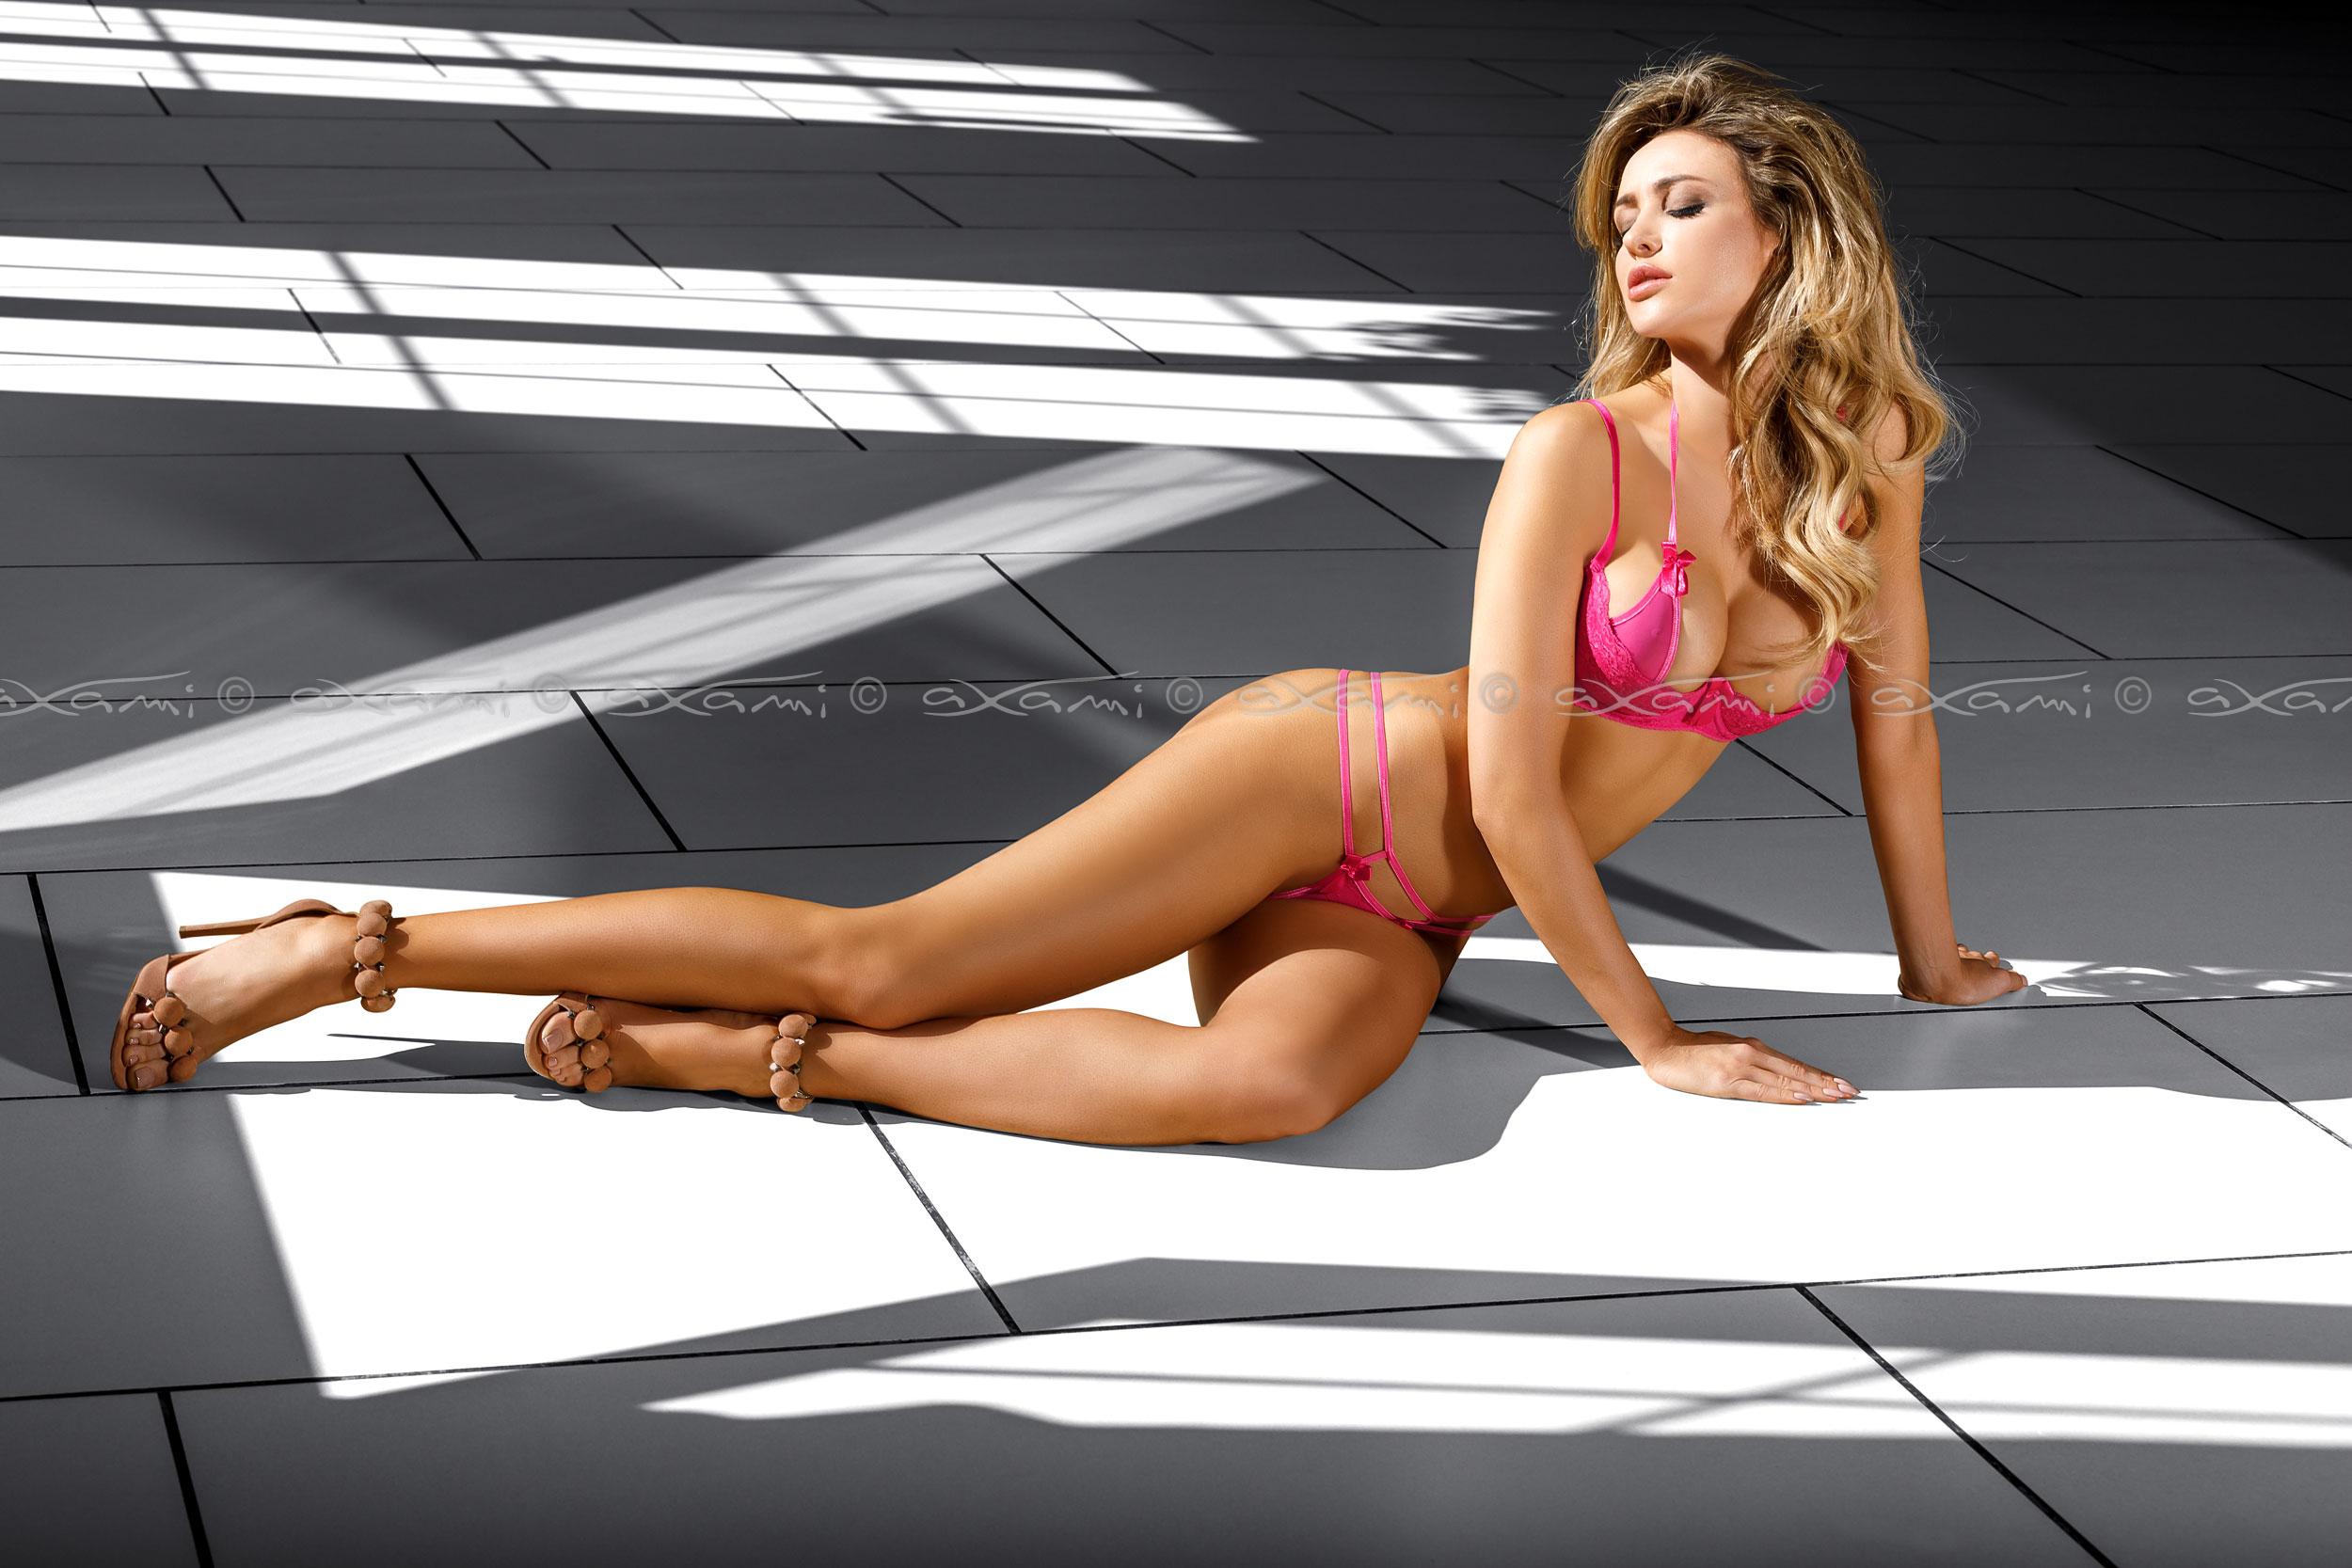 hot lingerie model